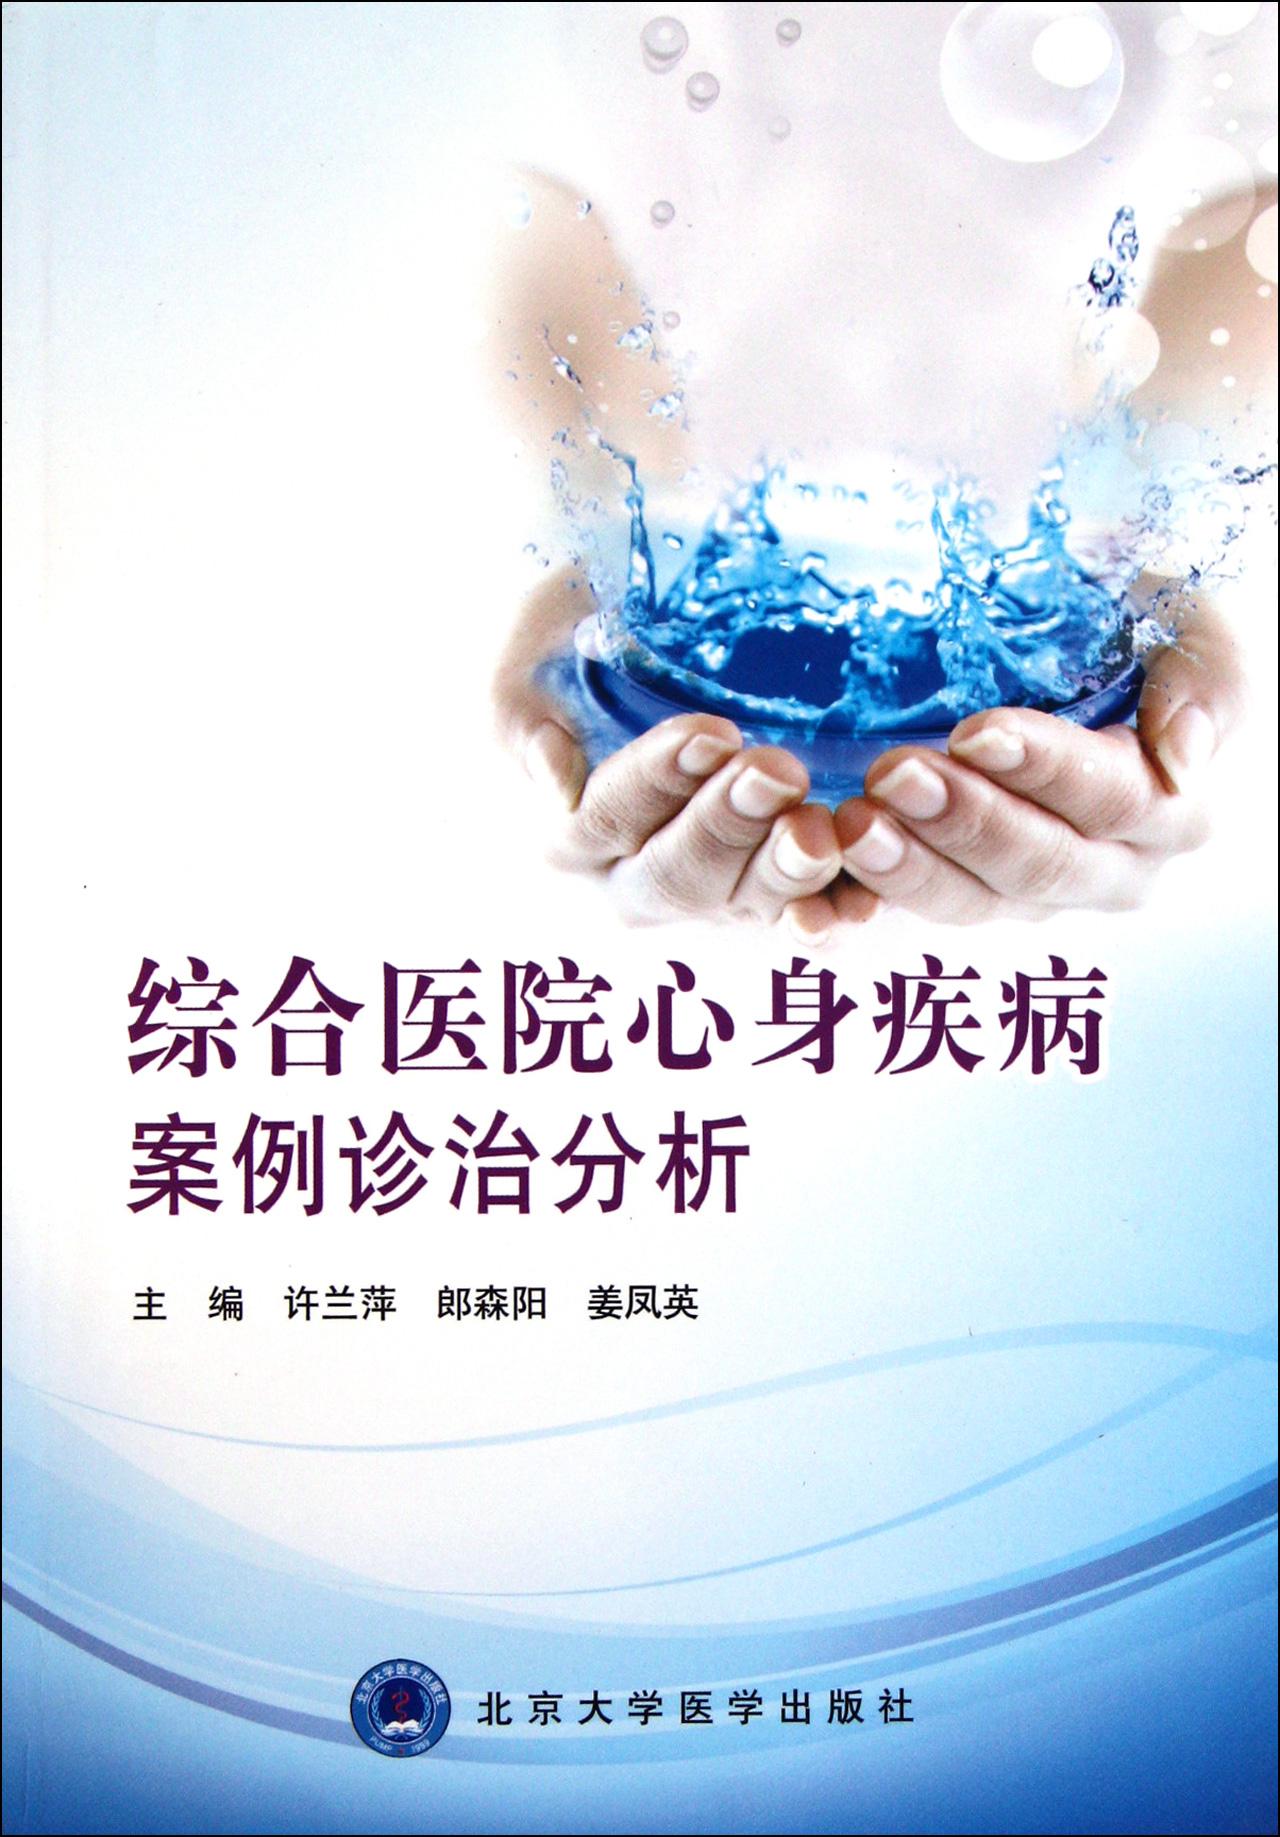 绪论 以整体观促进一场医学观念上的革命 案例分析篇 第一章 与呼吸系统有关的心身疾病 第二章 与循环系统有关的心身疾病 第三章 与神经系统有关的心身疾病 第四章 与内分泌系统有关的心身疾病 第五章 与消化系统有关的心身疾病 第六章 与风湿、免疫有关的心身疾病 第七章 与妇产科有关的心身疾病 第八章 与外科有关的心身疾病 第九章 与皮肤科有关的疾病 第十章 其他科伴随的心理精神疾病 第十一章 误诊为躯体疾病的心身疾病 第十二章 就诊于综合医院的心理精神疾病 第十三章 中医治疗心身疾病的案例 诊治思路篇 第一